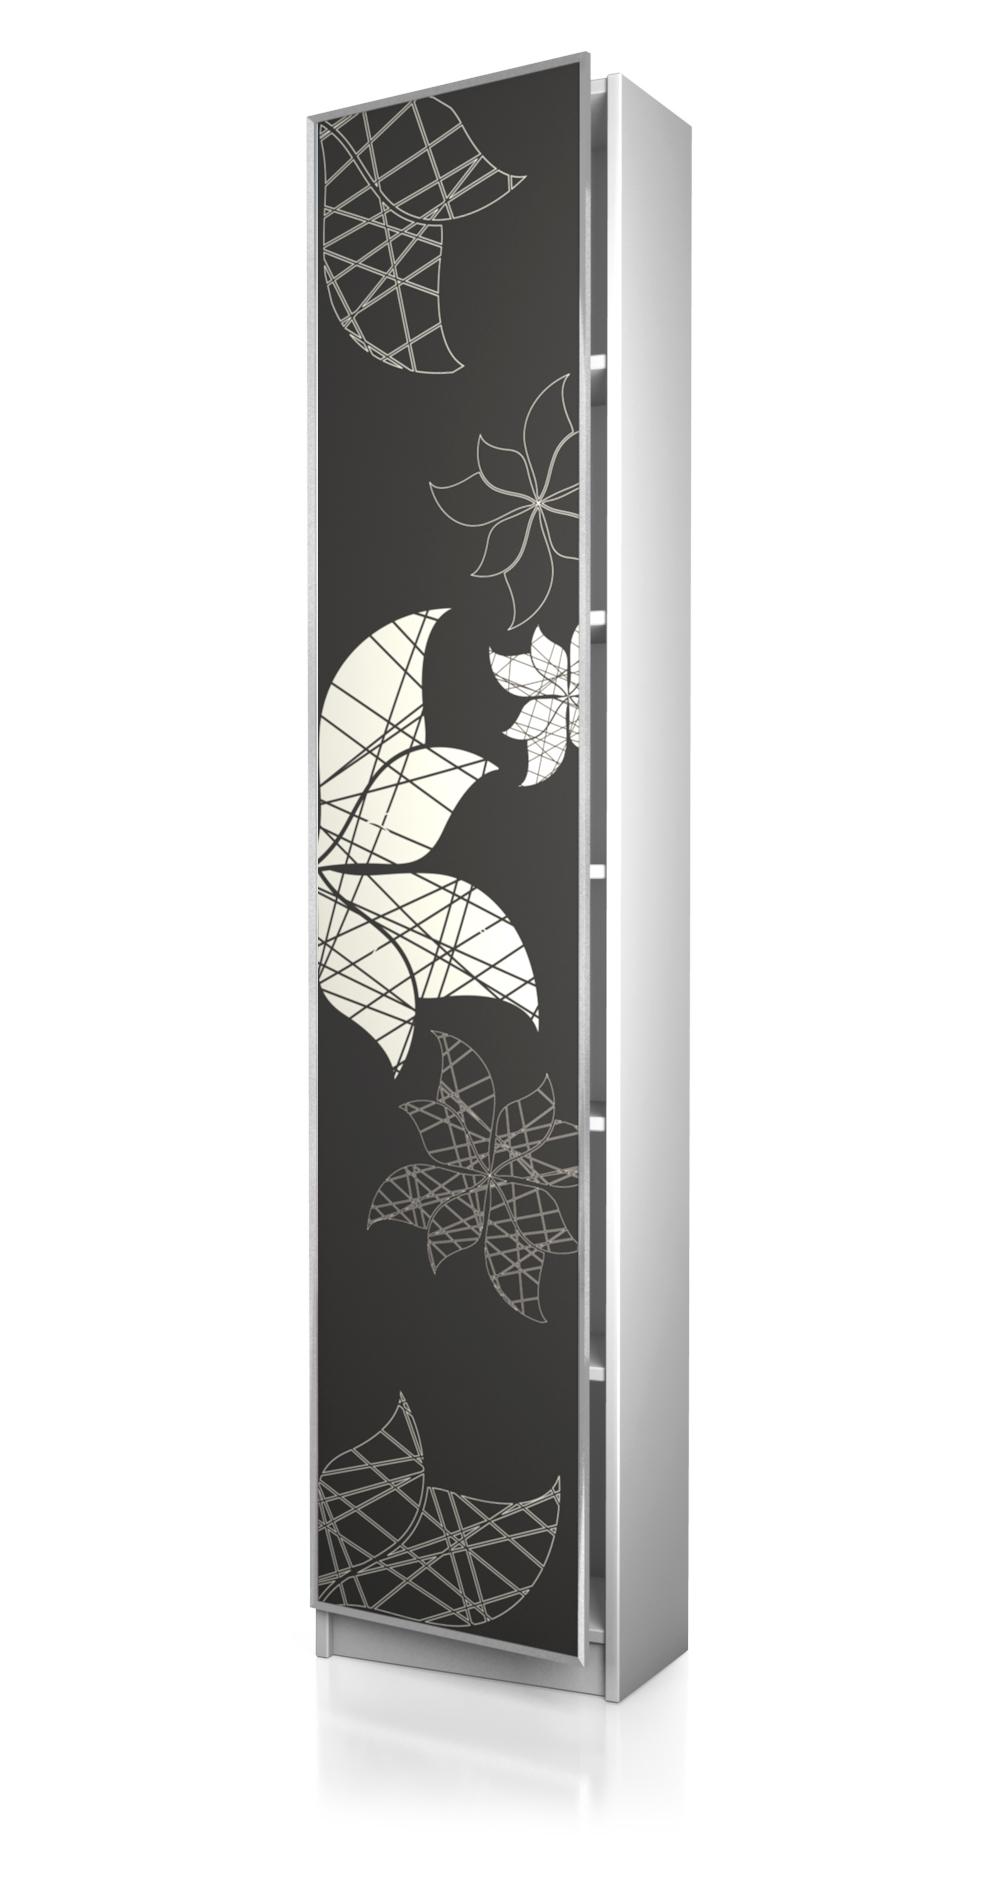 ikea möbelaufkleber - biily regal 40 x 202 cm tür r009